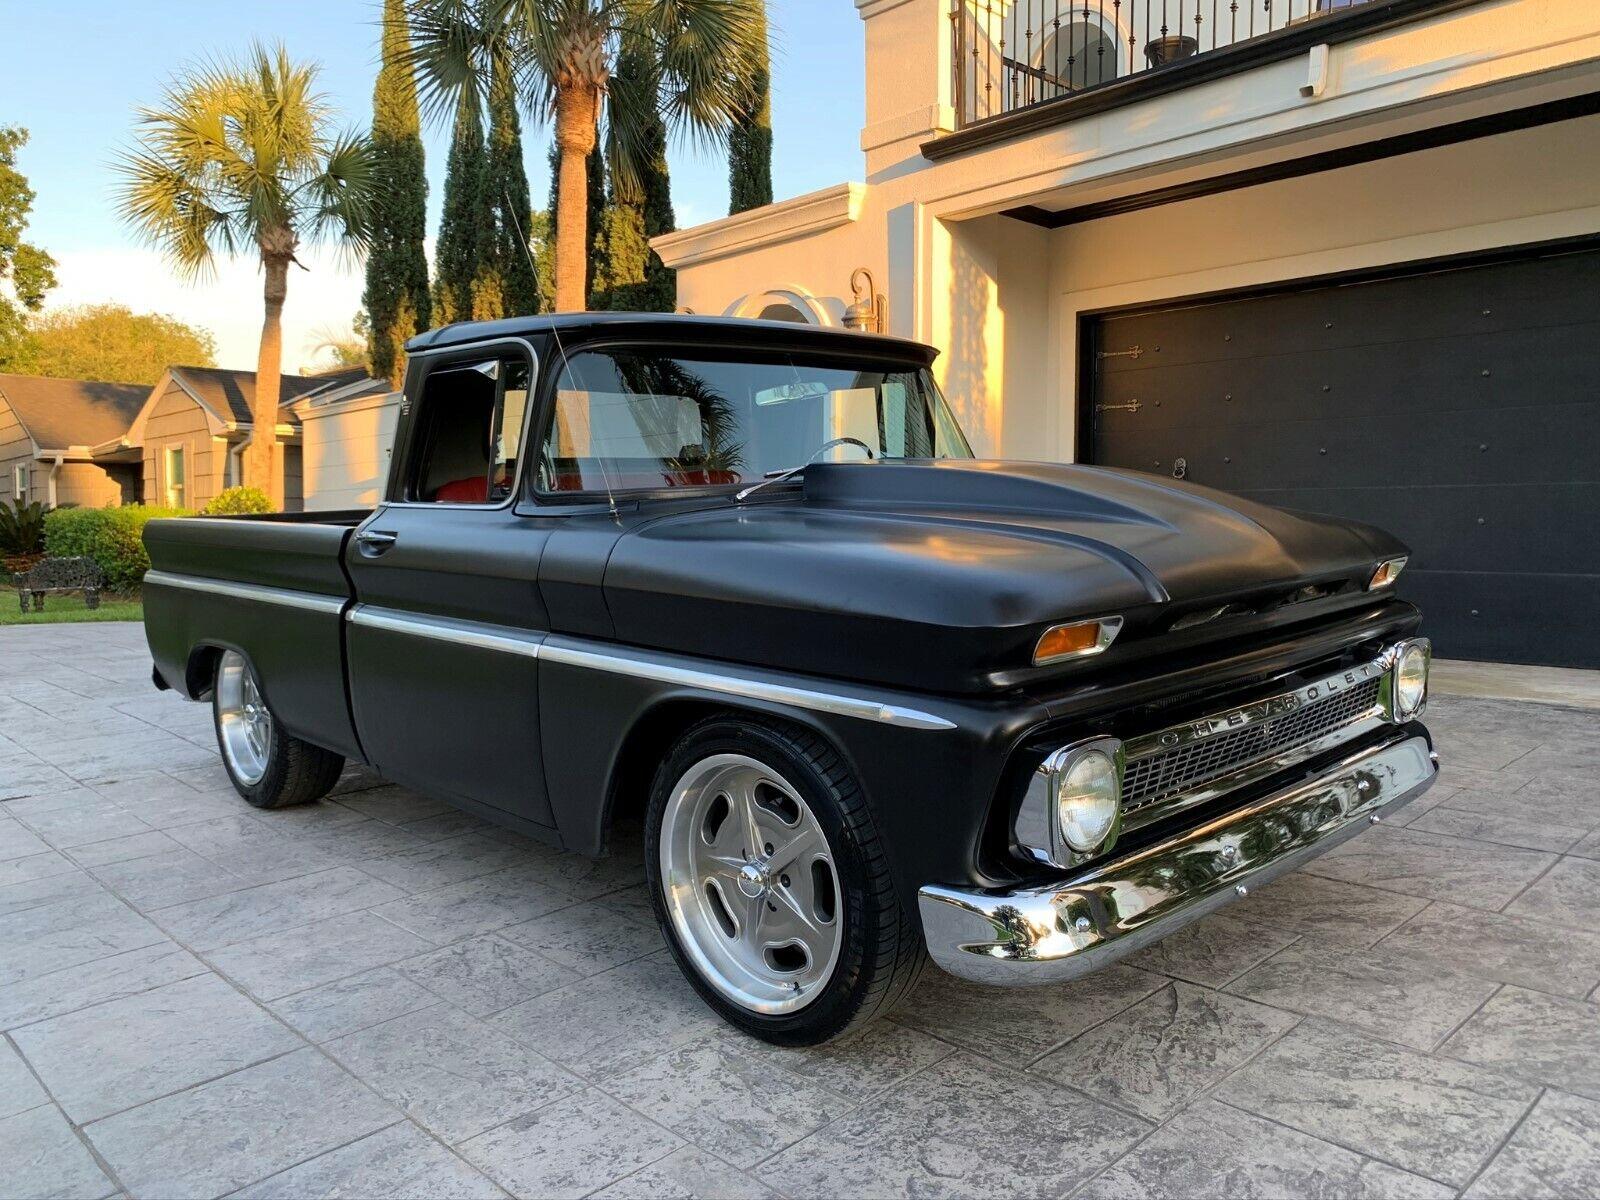 1962 Chevrolet C10 SWB, 383 Stroker/450 Horsepower, turbo 350 auto Trans, FAST!!